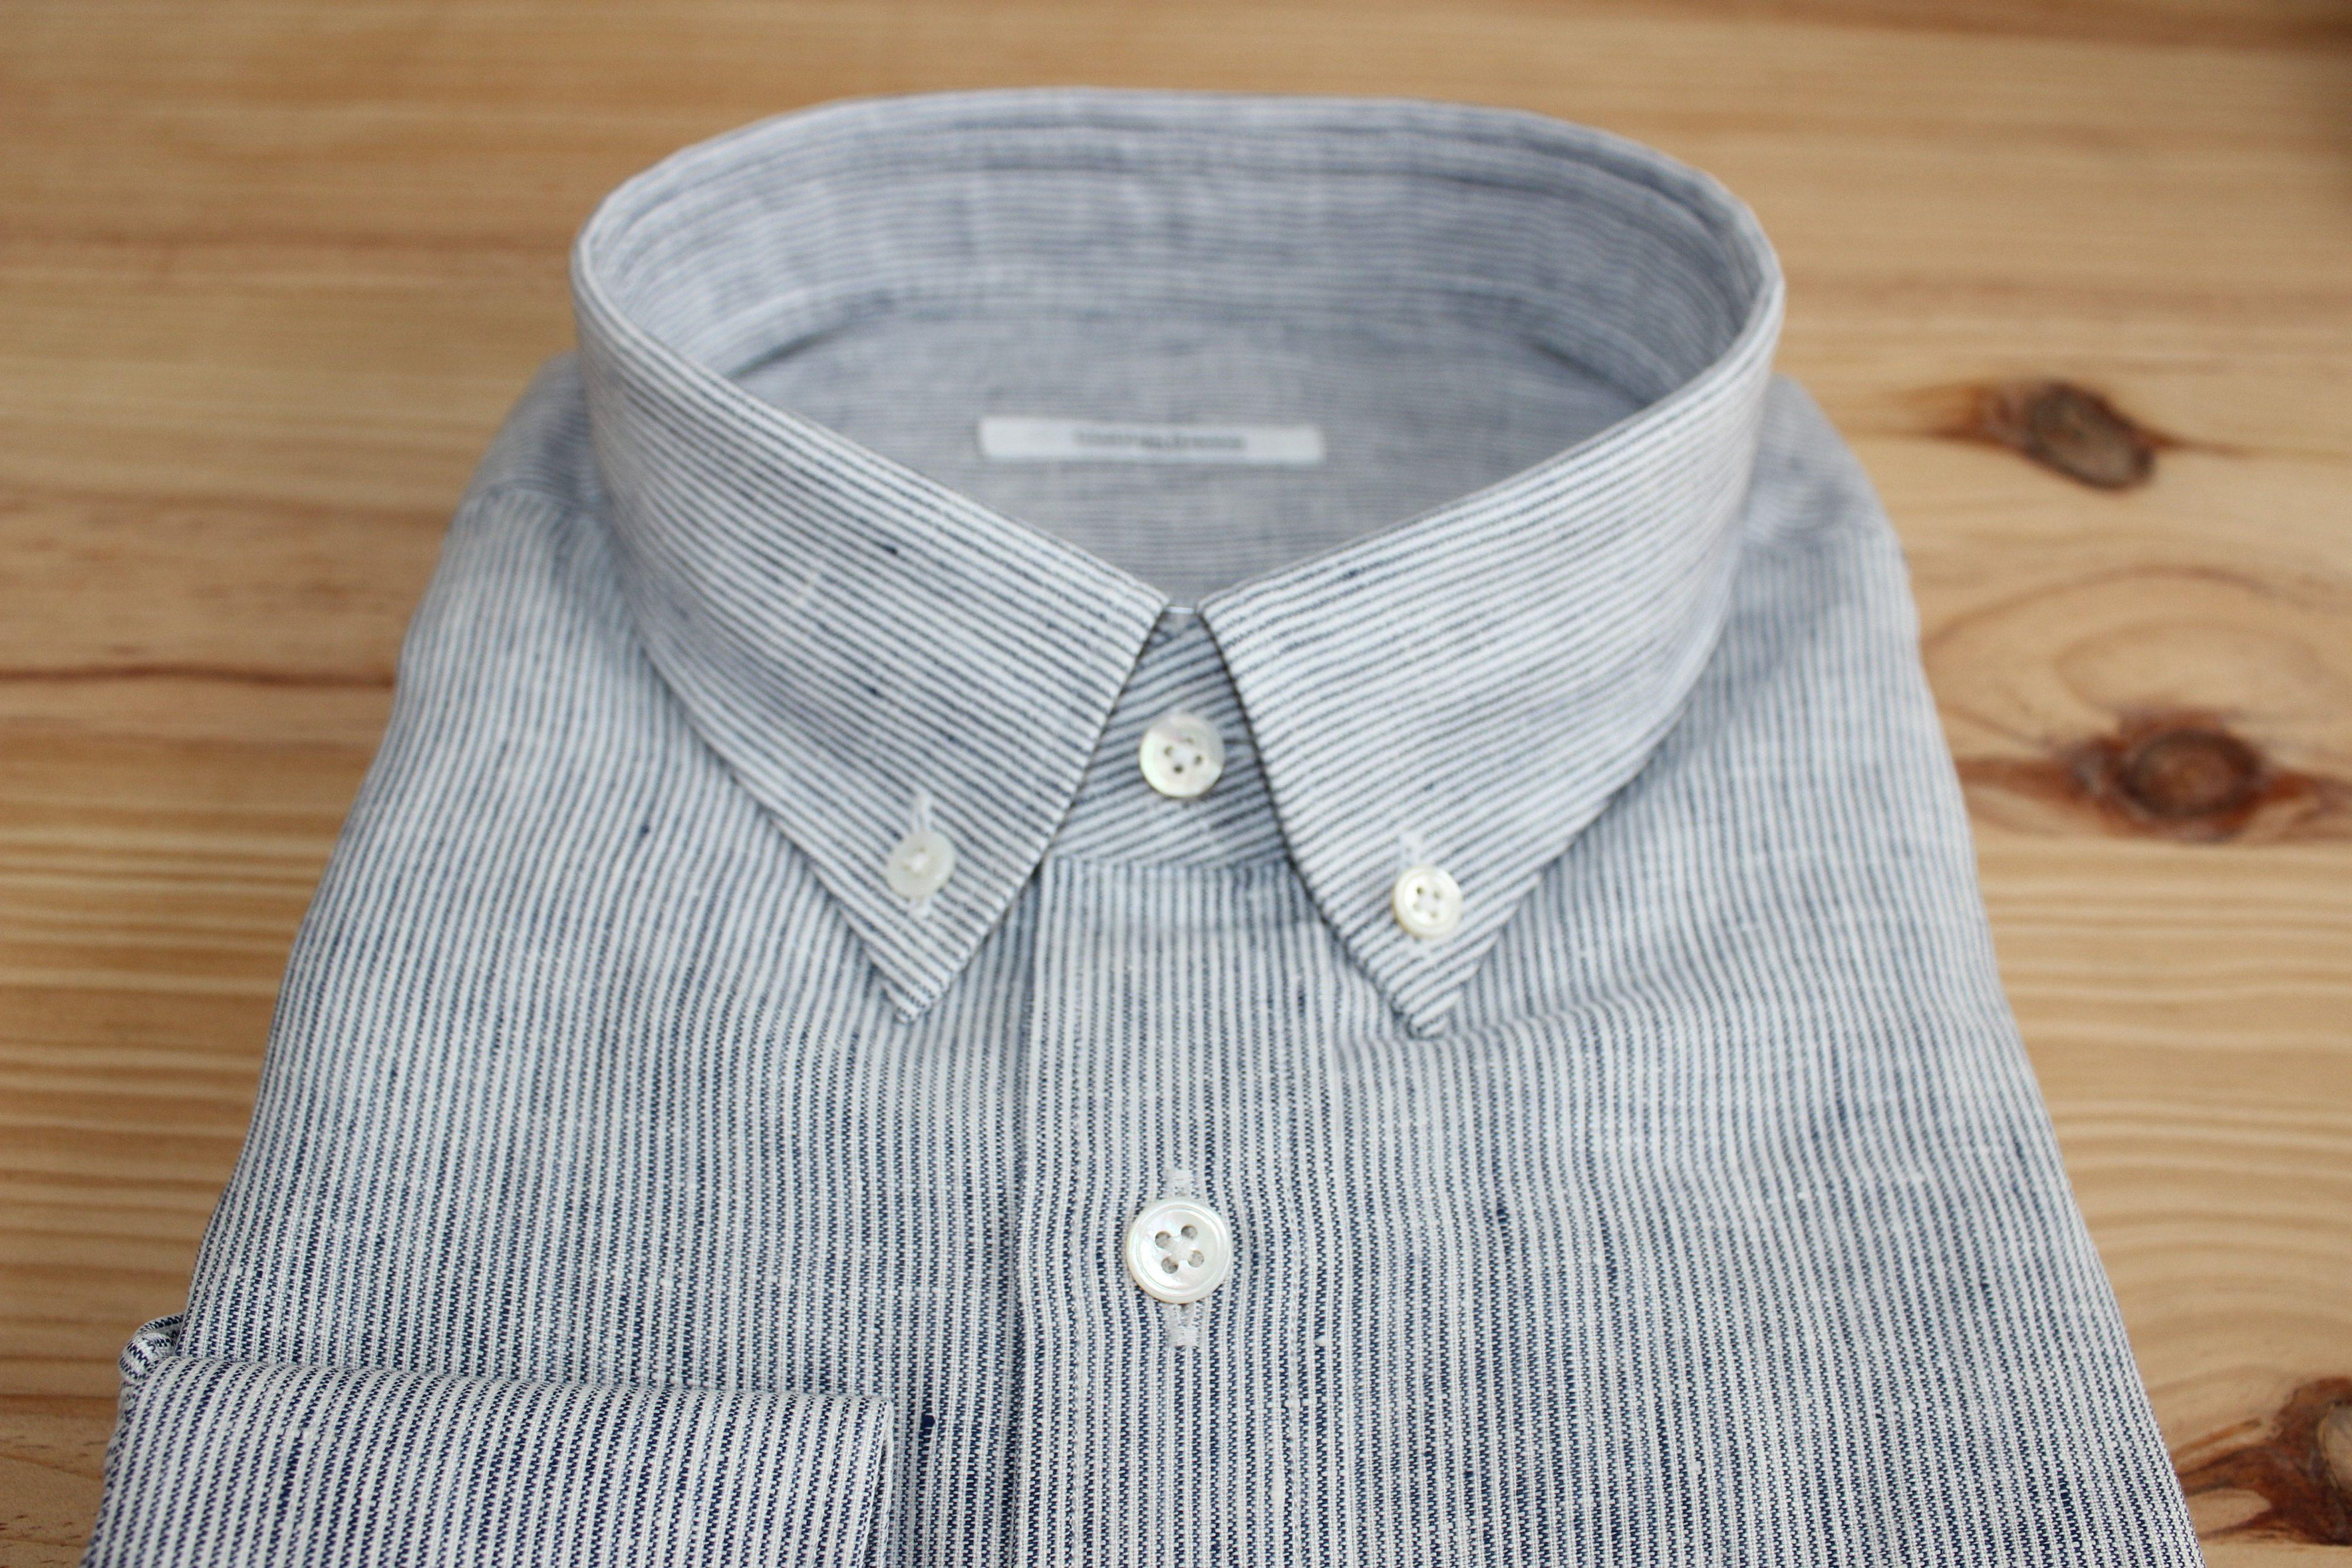 chemises coton homme sur mesure , chemises coton homme